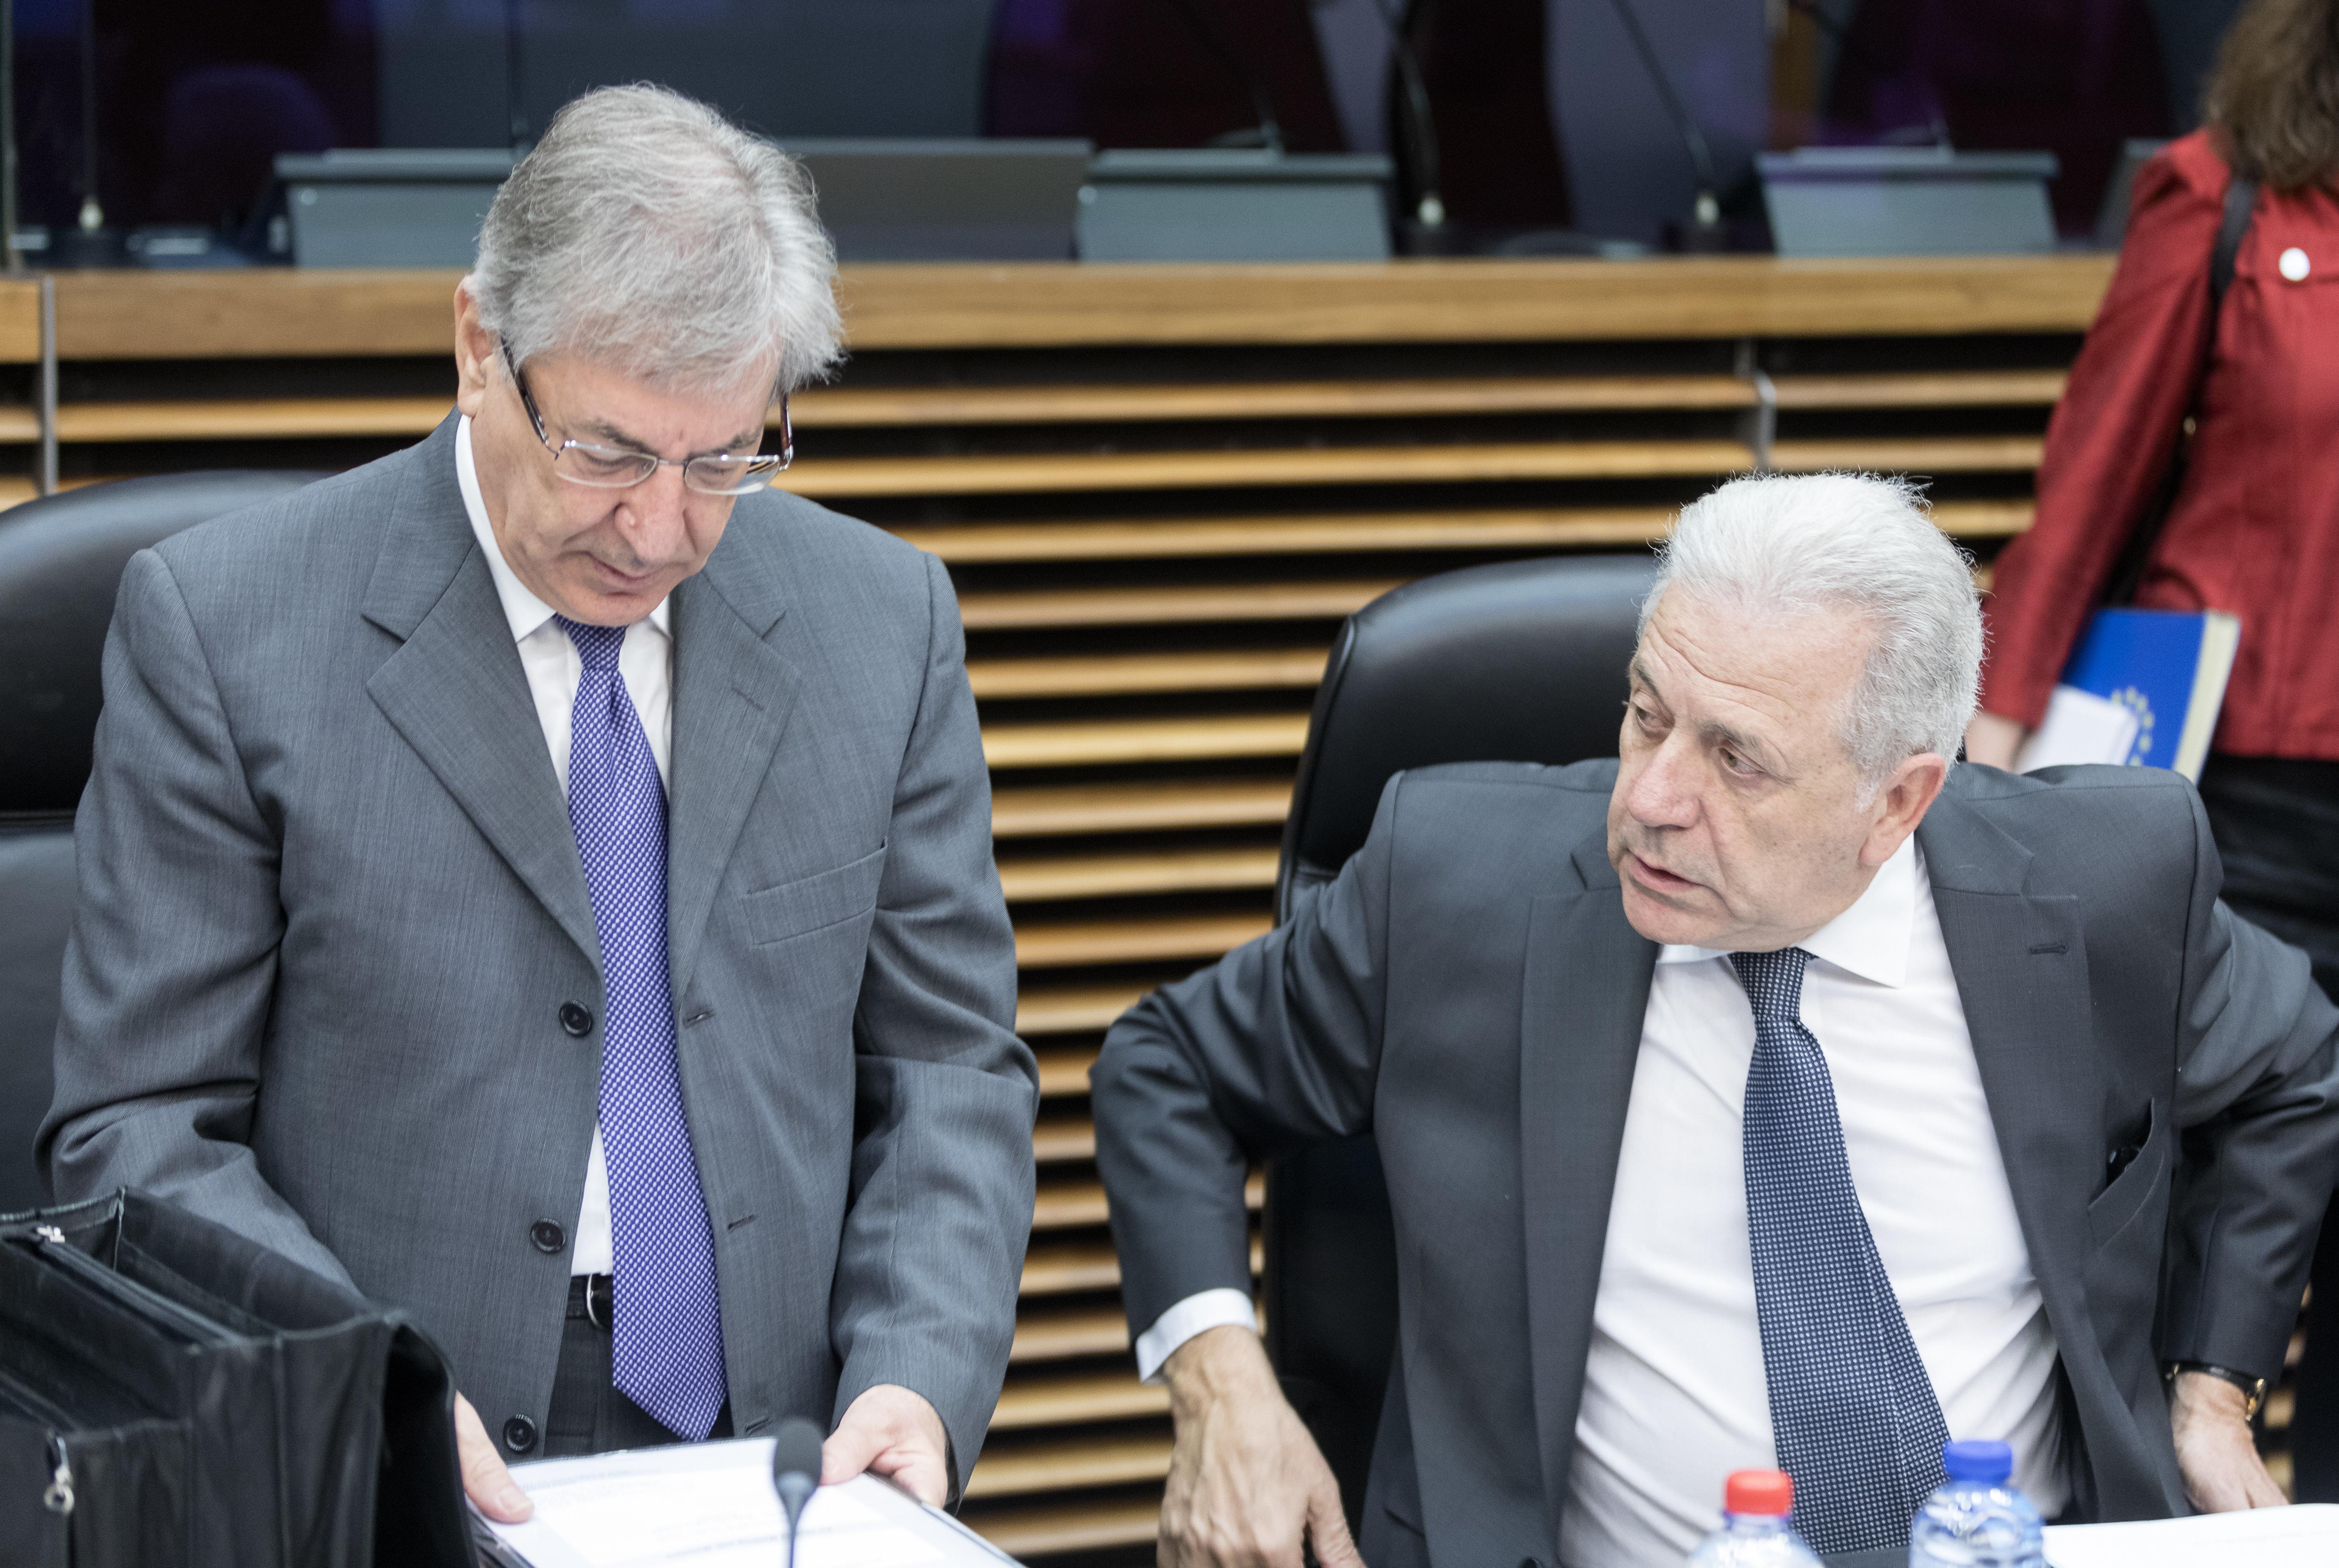 Αβραμόπουλος: Η EΕ θα στηρίξει οικονομικά τα μέλη που θέλουν να συνεχίσουν μετεγκαταστάσεις, βάσει